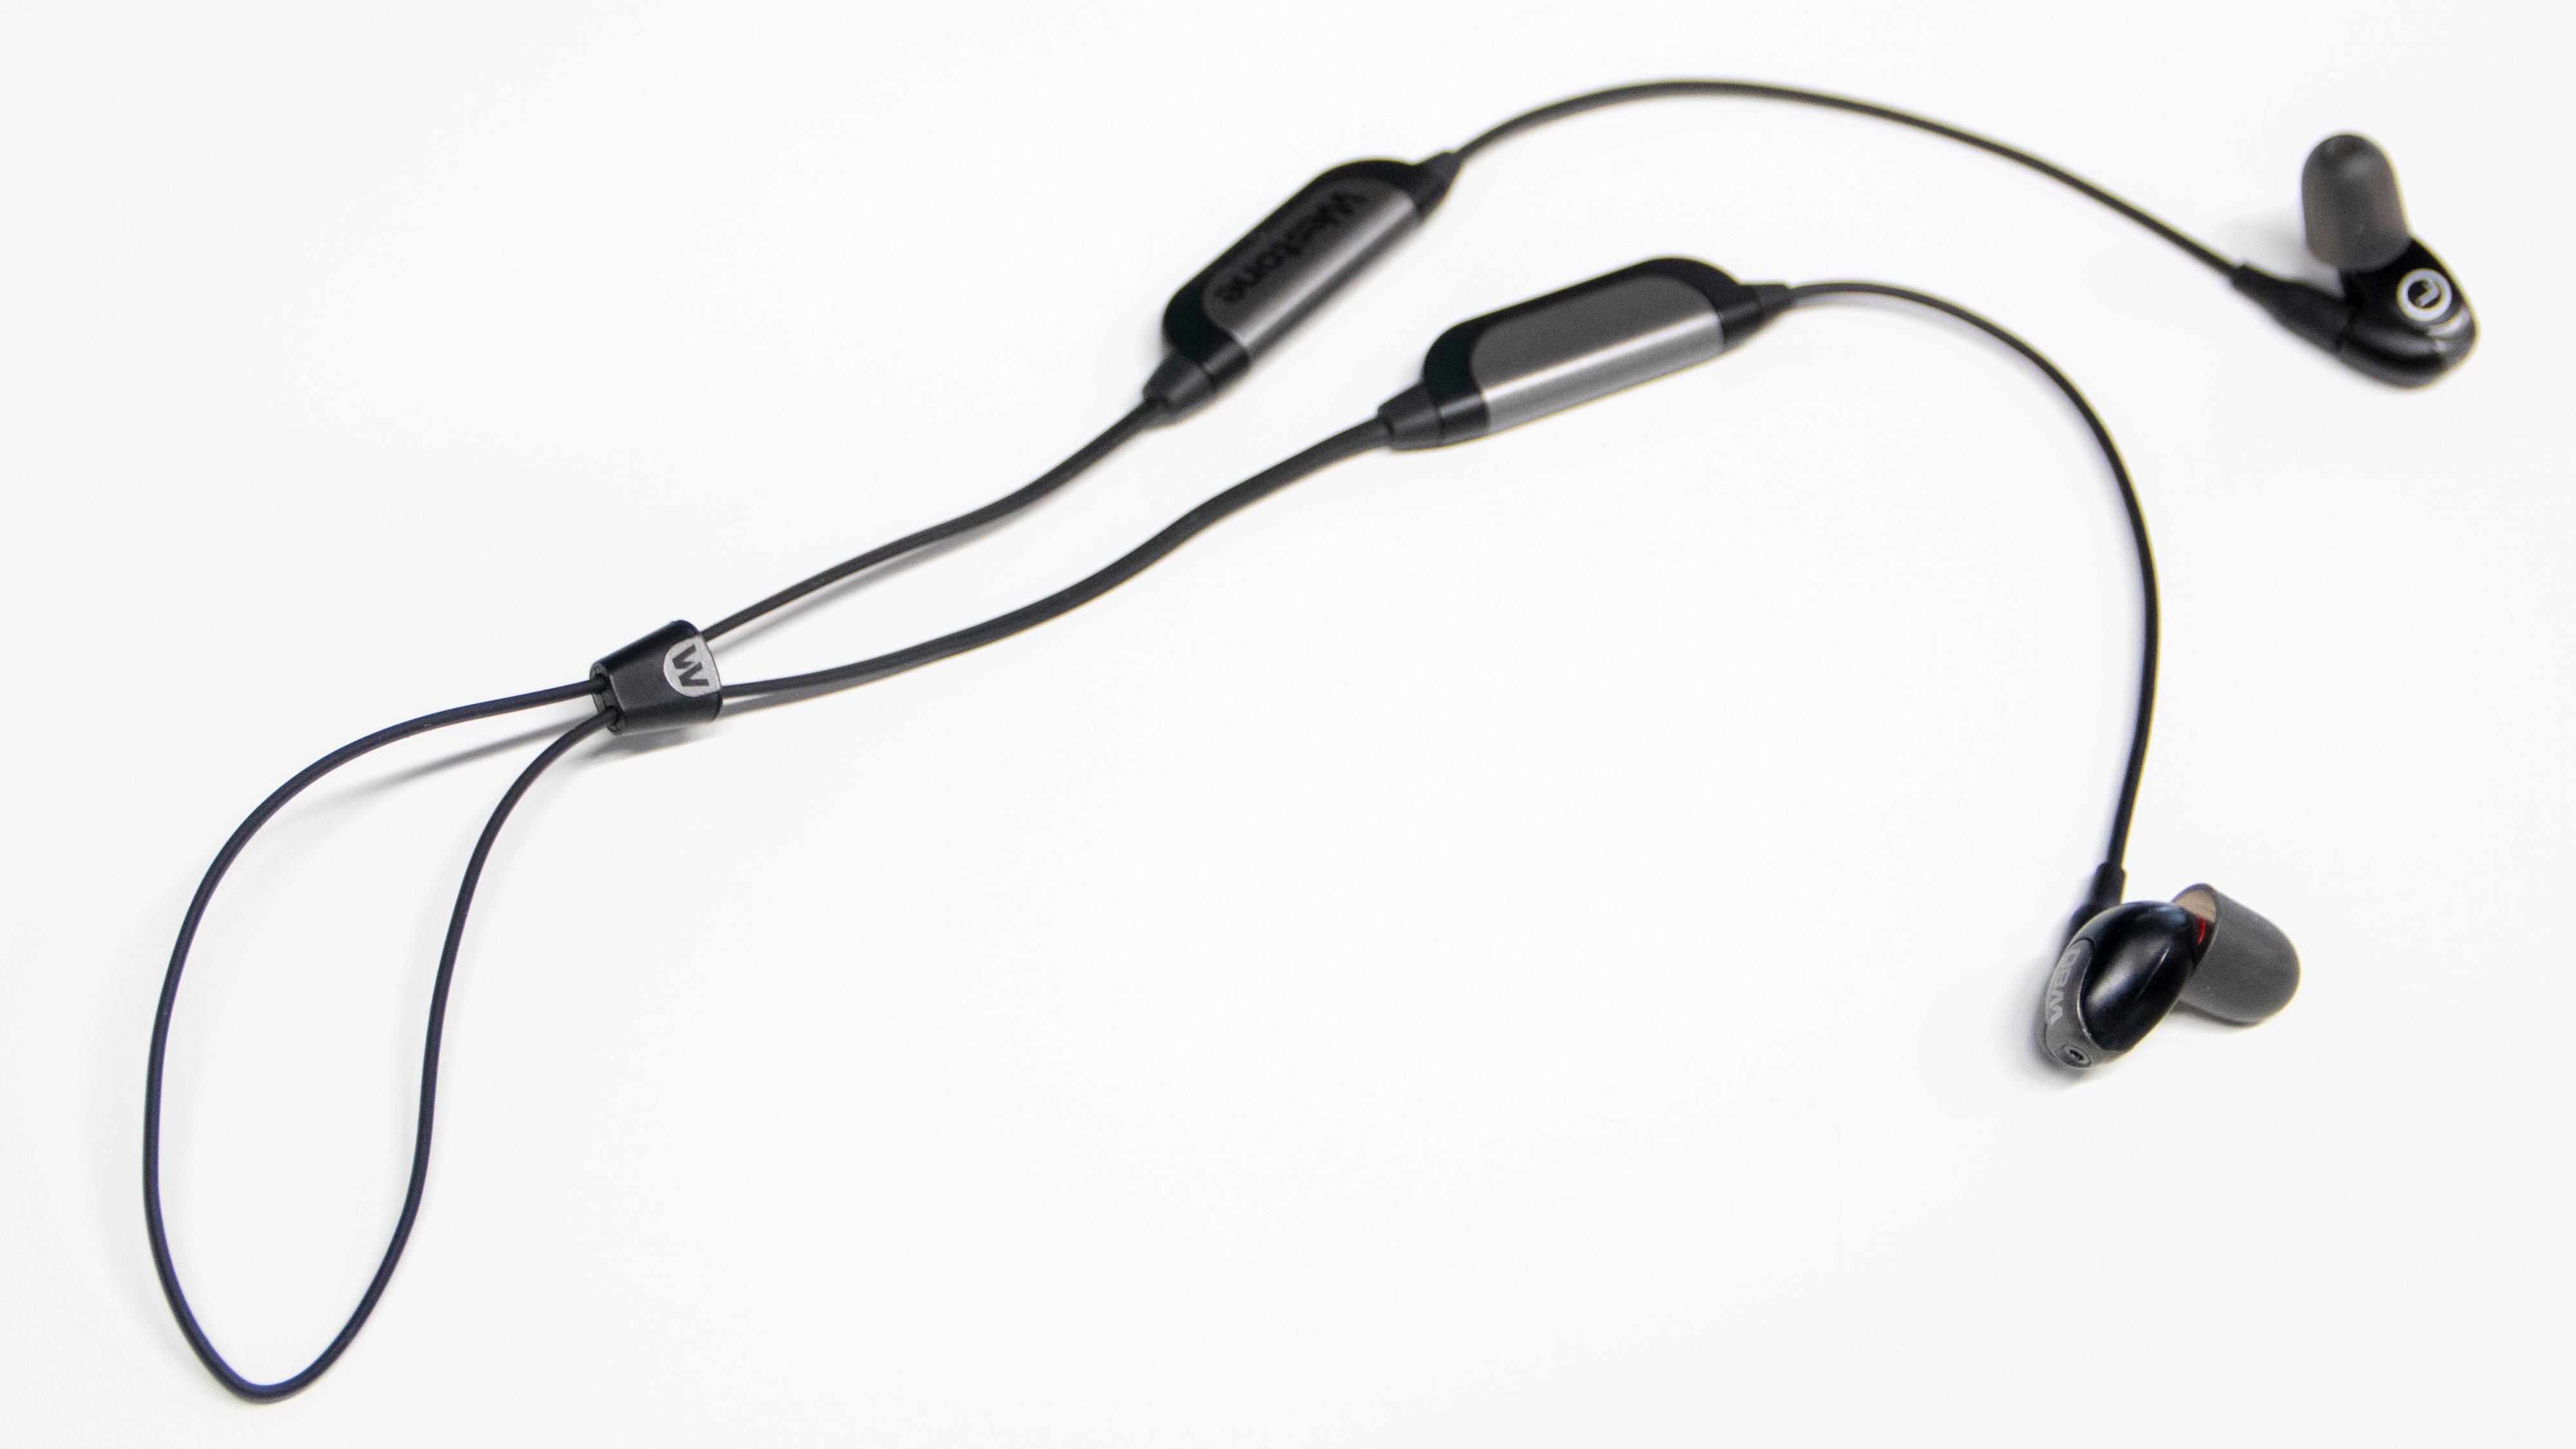 Bluetooth-tilbehøret du kan kjøpe fra Westone hadde vi styrt unna. Du får ekstremt mye bedre lyd om du heller kjører kabelen.